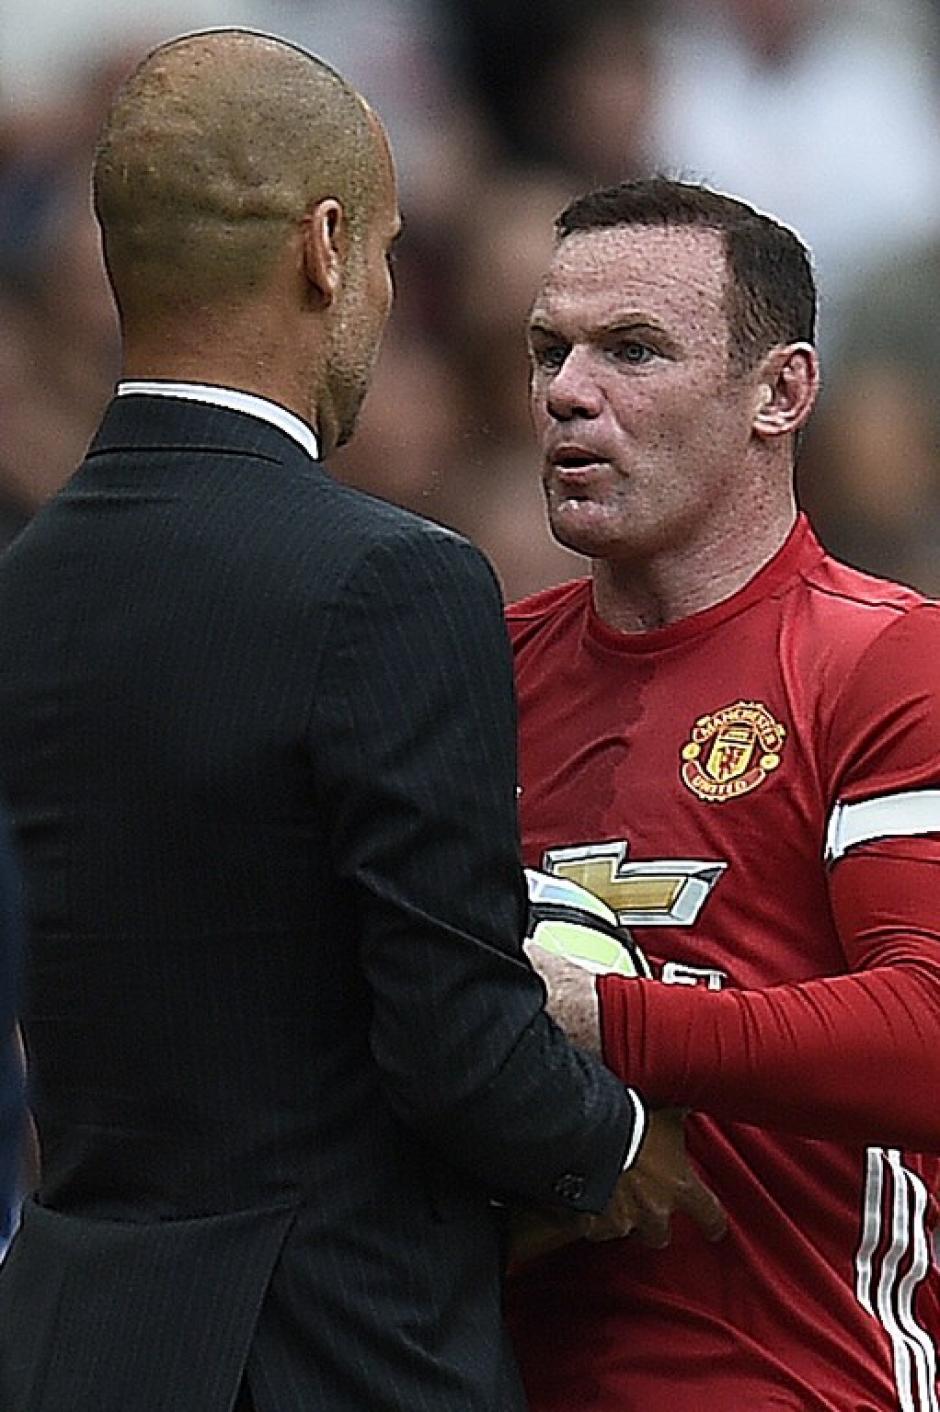 El inglés le quitó la pelota como pudo al entrenador. (Foto: AFP)